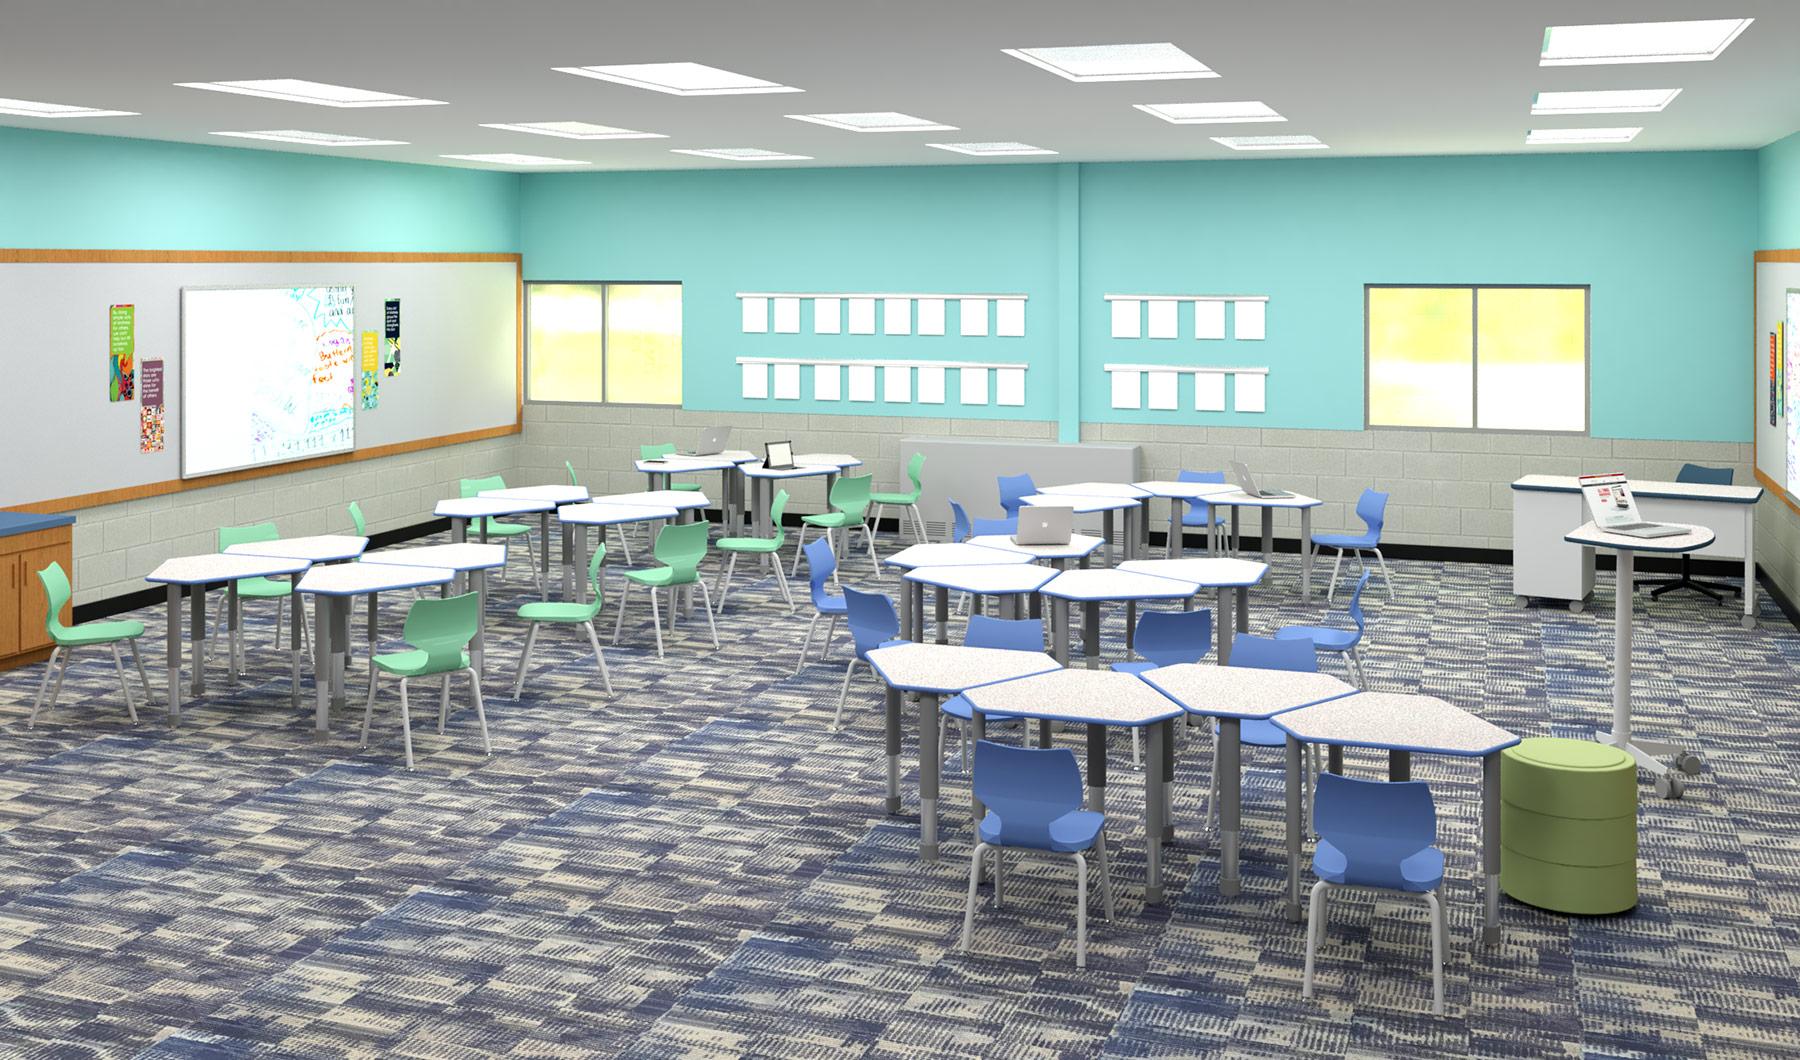 Lawton Elementary School